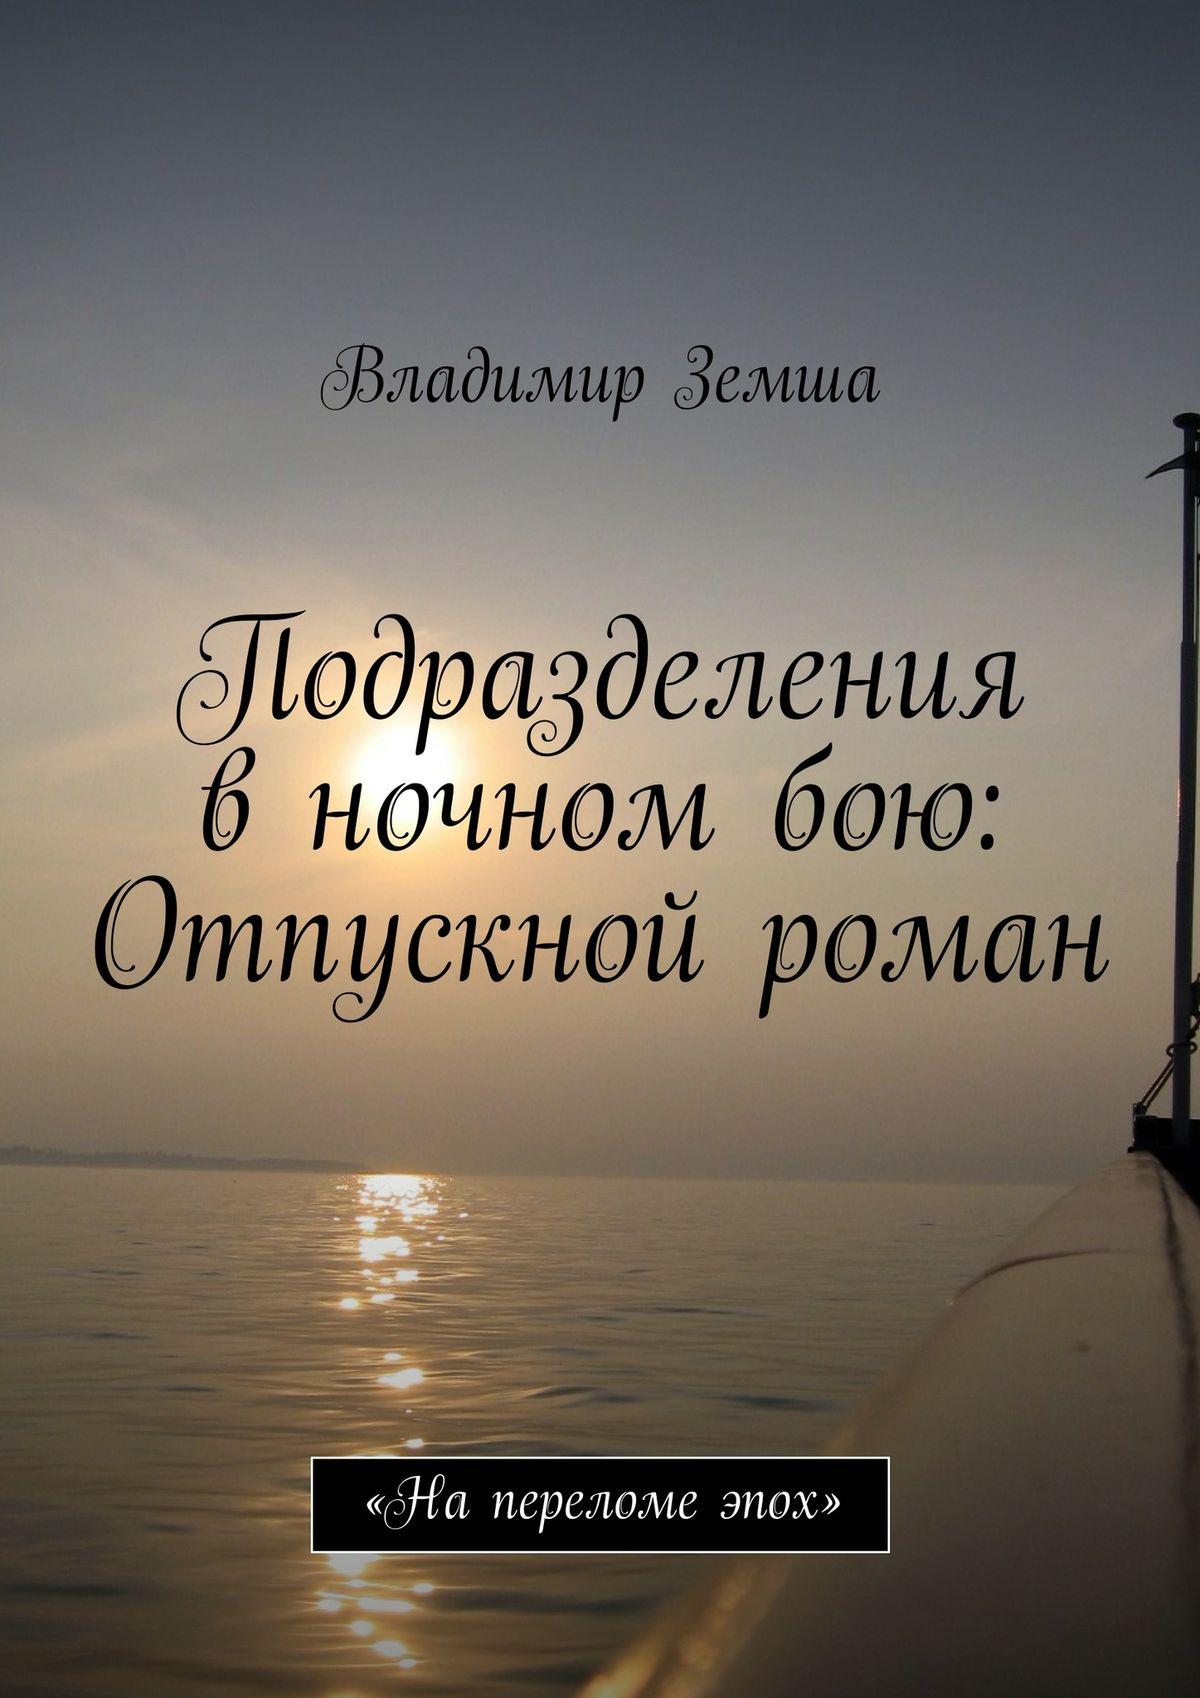 Владимир Валерьевич Земша Подразделения в ночном бою: Отпускной роман